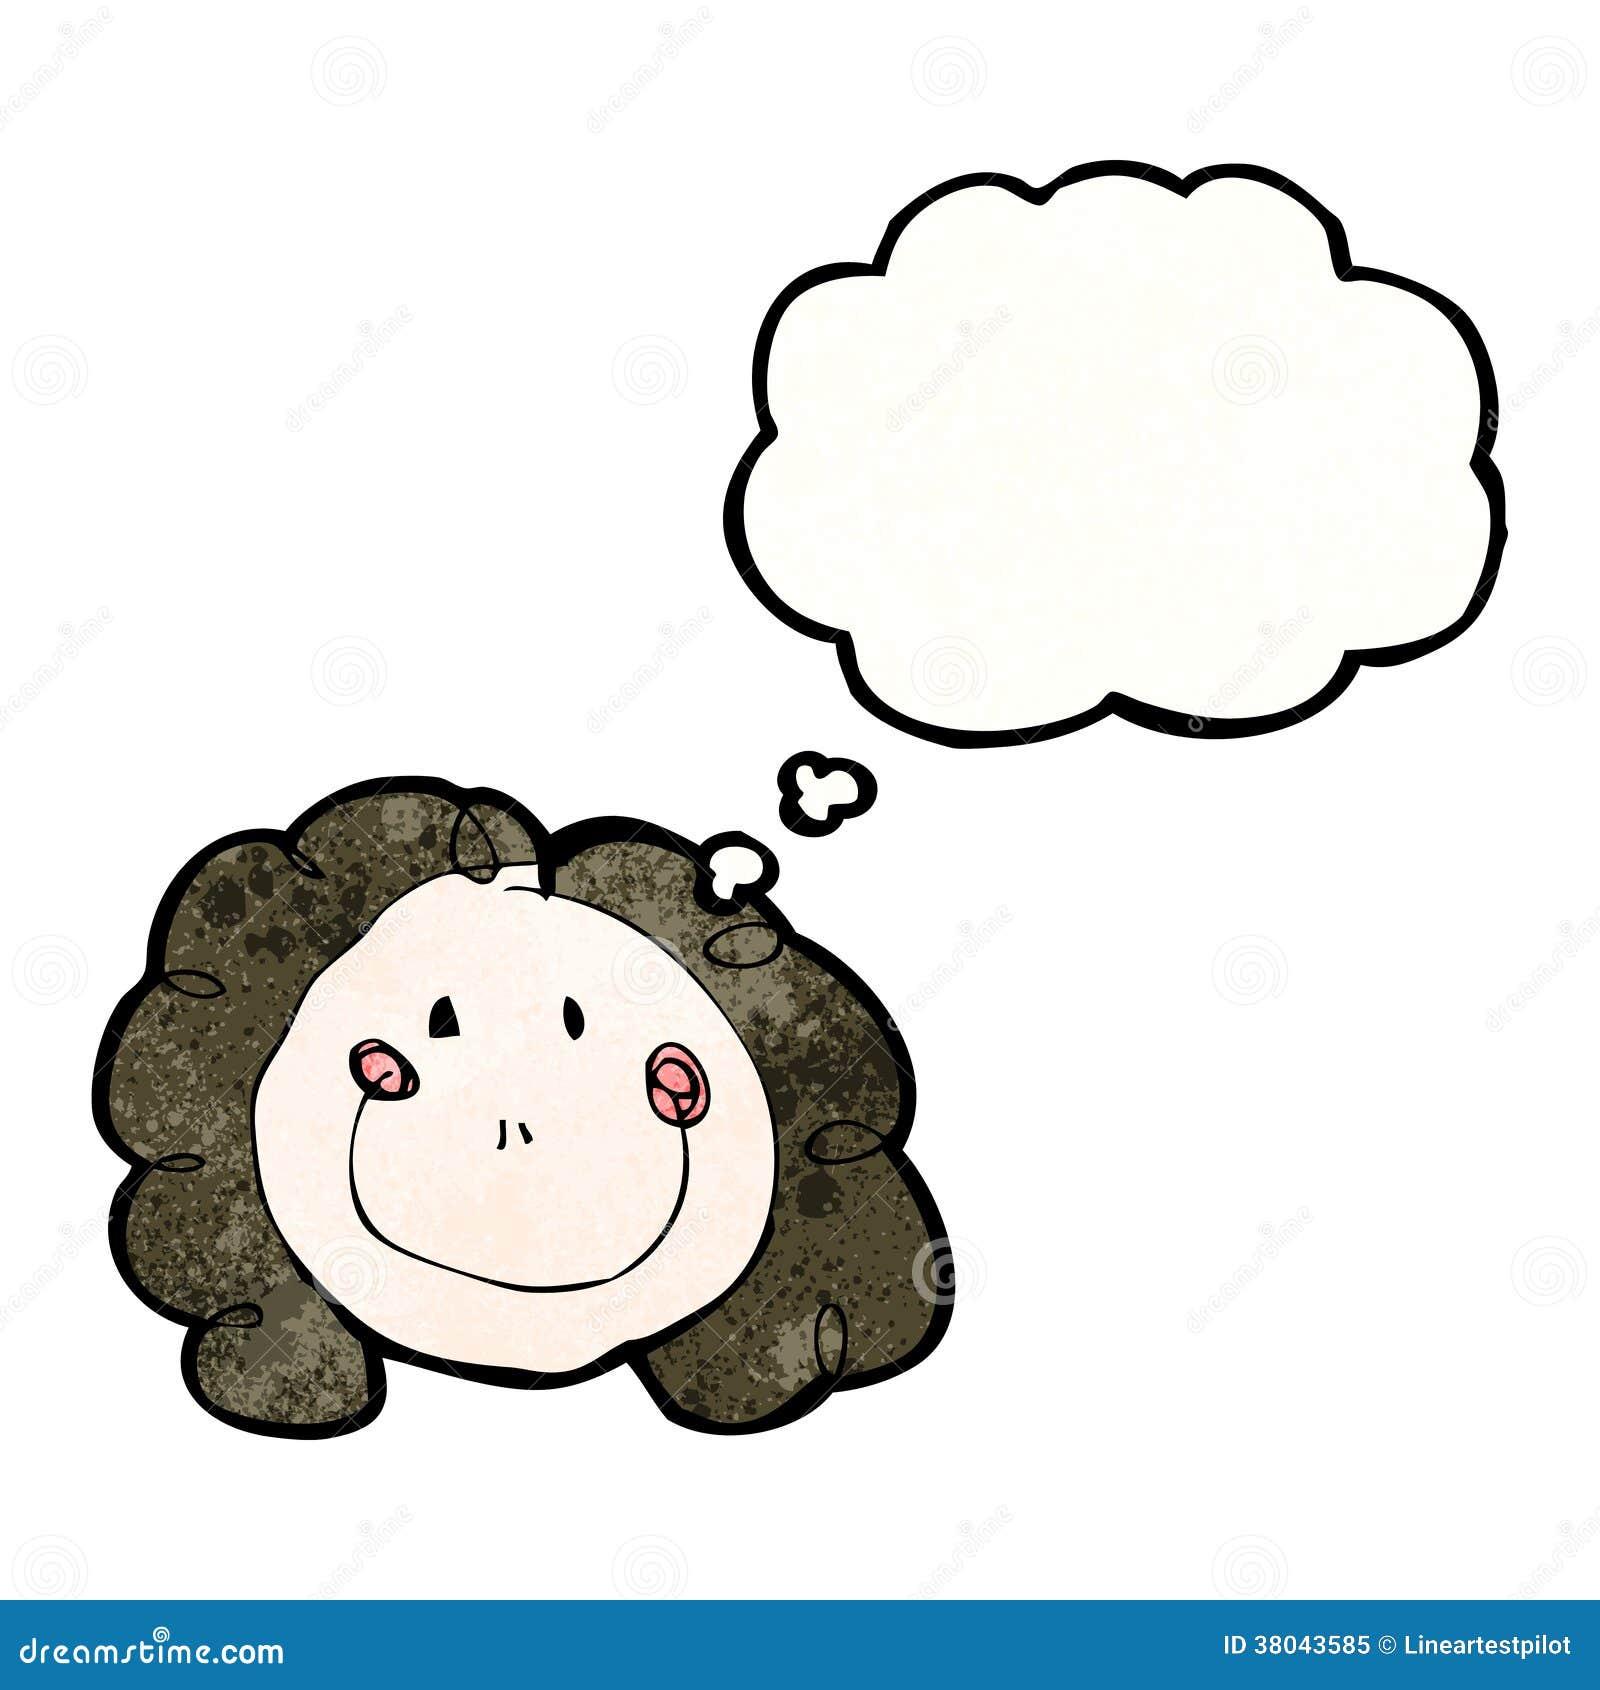 El Dibujo Del Niño De Una Cara Femenina Feliz Con La Burbuja Del